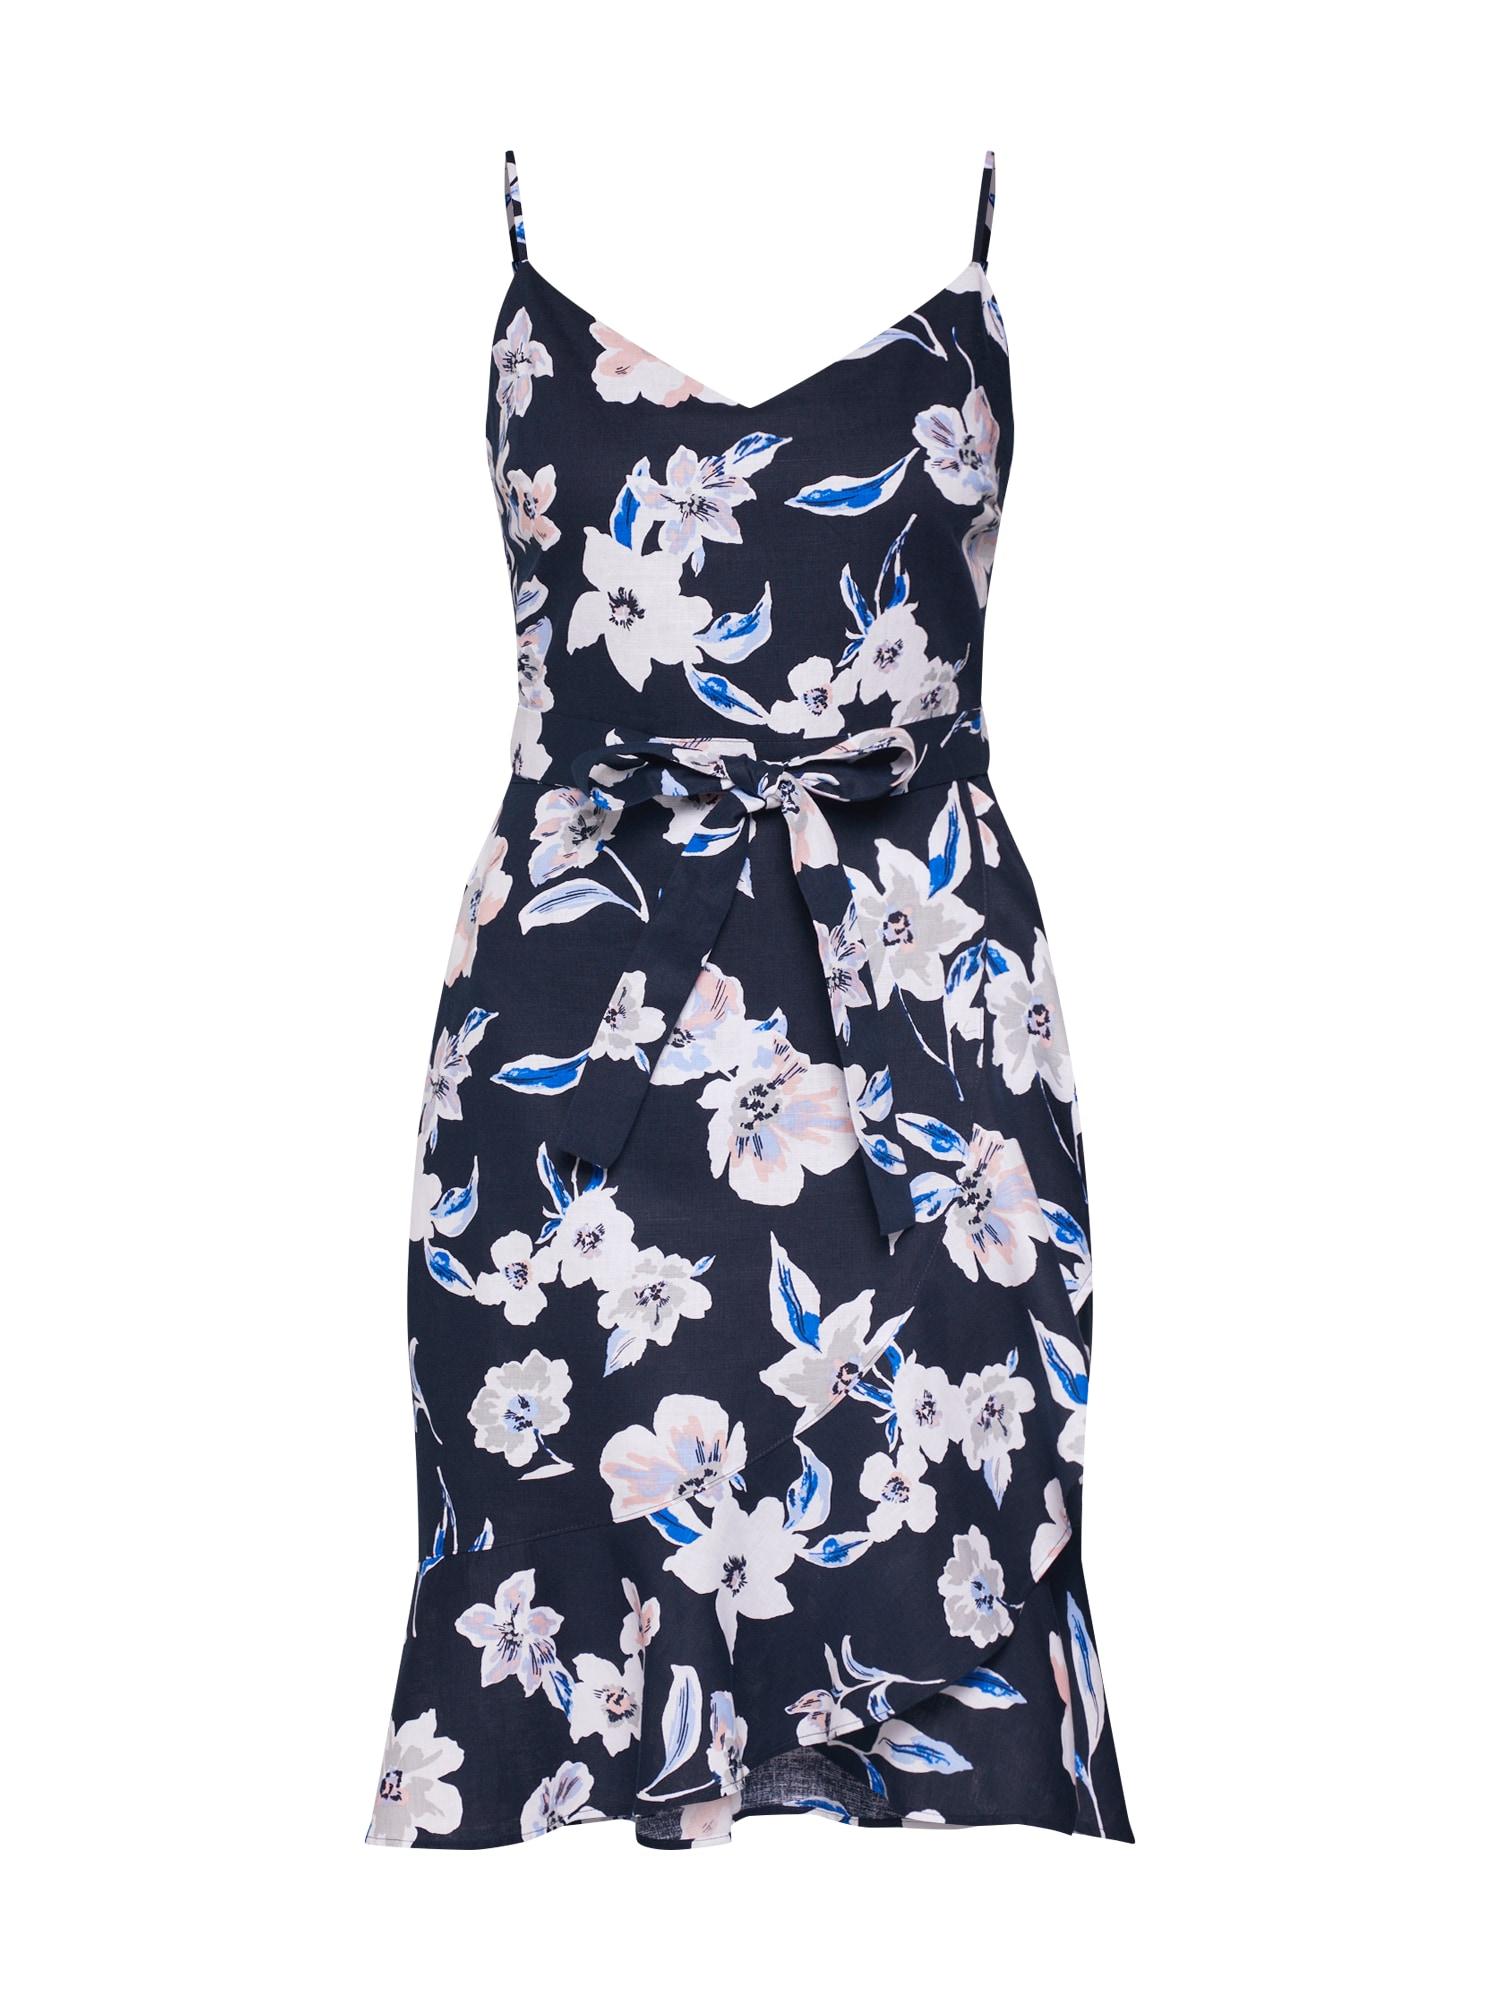 Letní šaty SL LINEN WRAP FNF PRINT námořnická modř Banana Republic